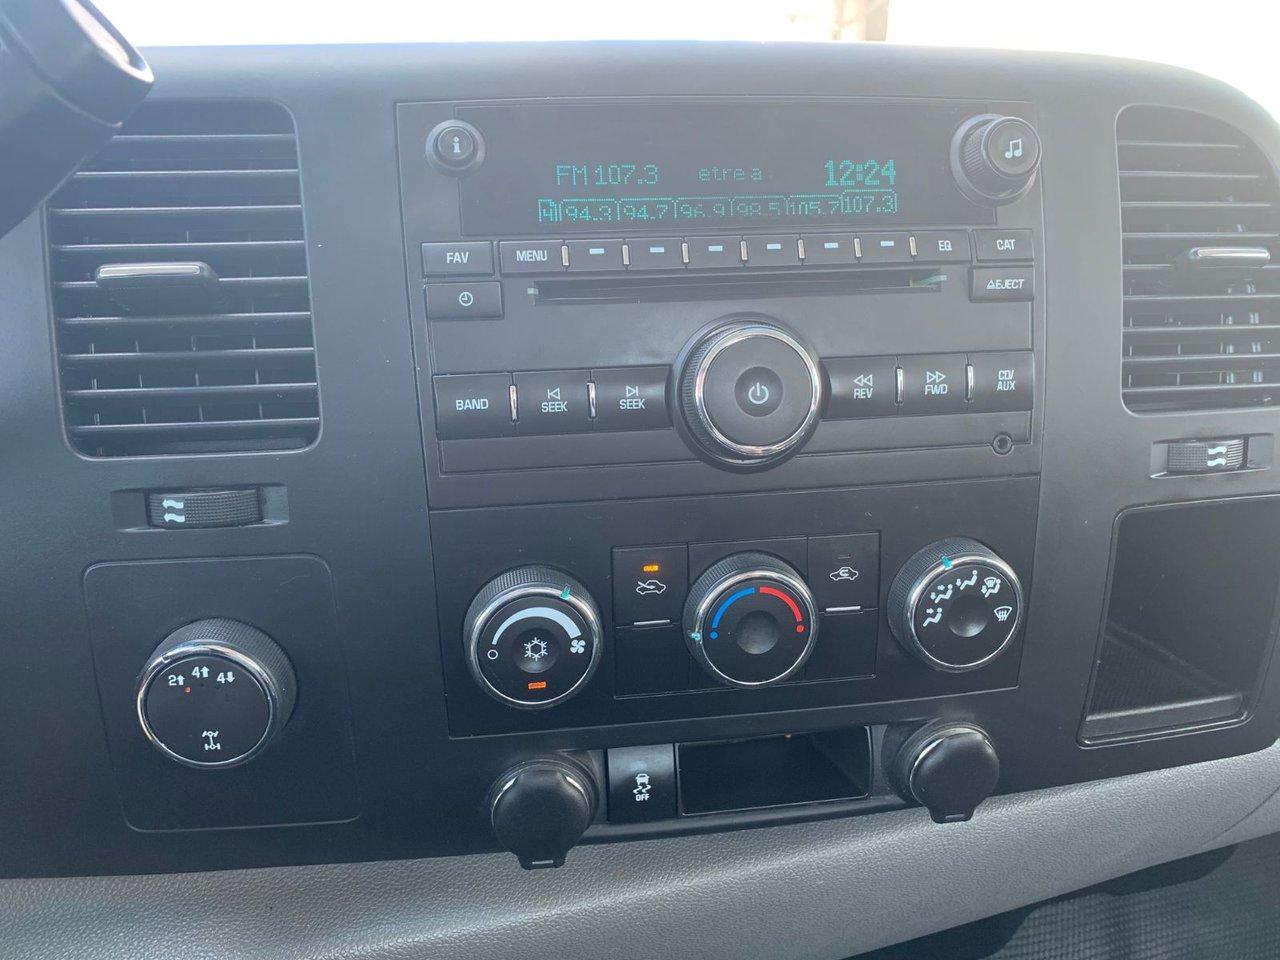 2014 GMC Sierra 2500HD WT 2500 HD BOITE 8 PIEDS